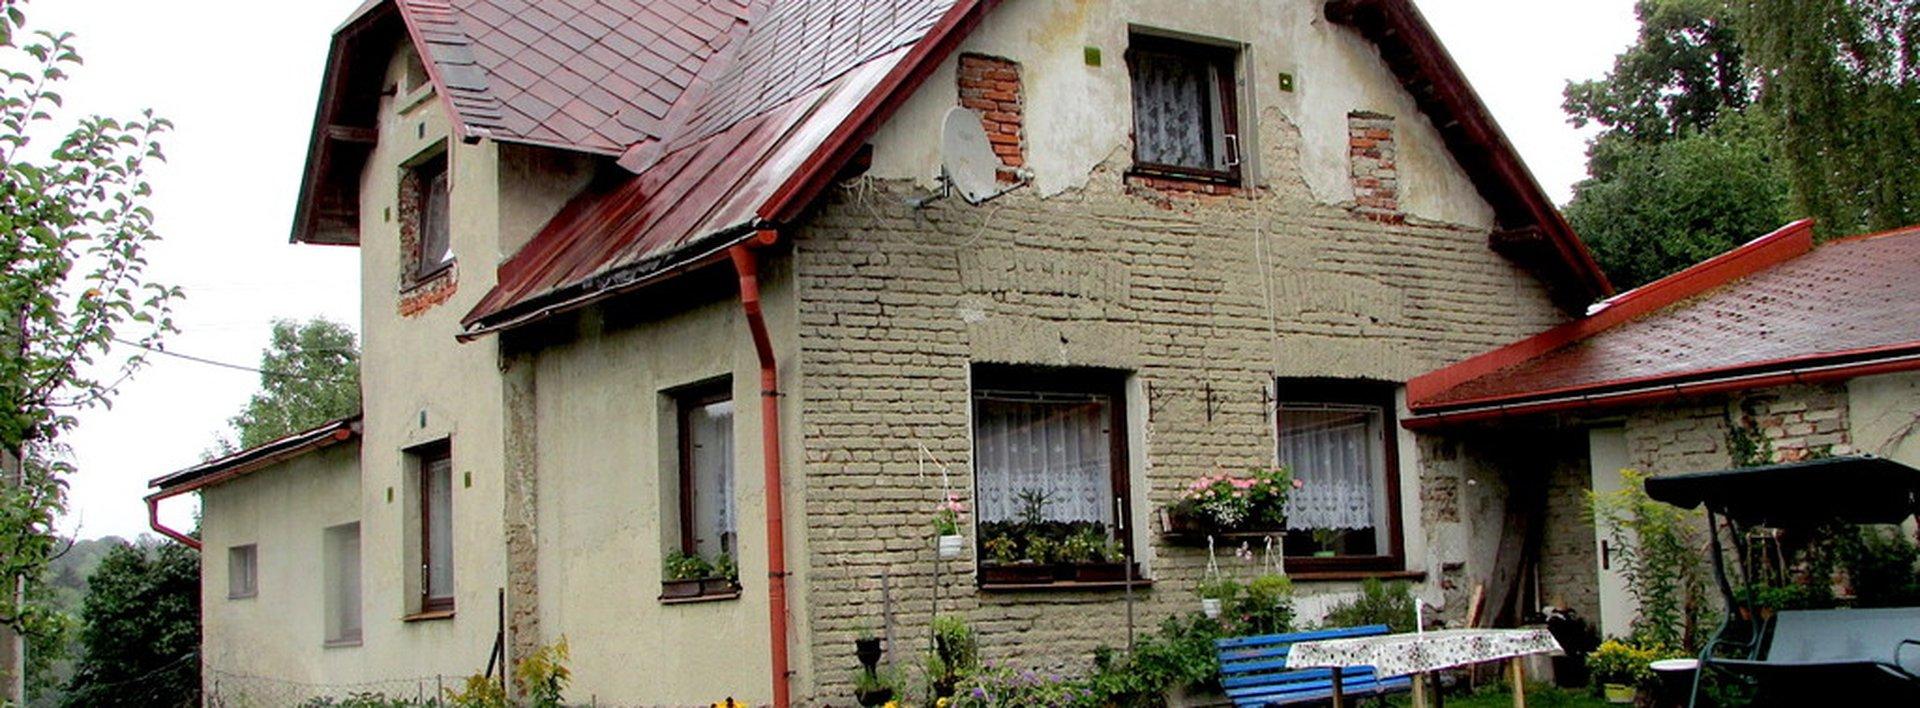 Prodej rodinného domu s výhledem na Jablonec n. N. - Nová Ves n. N., Ev.č.: N47450